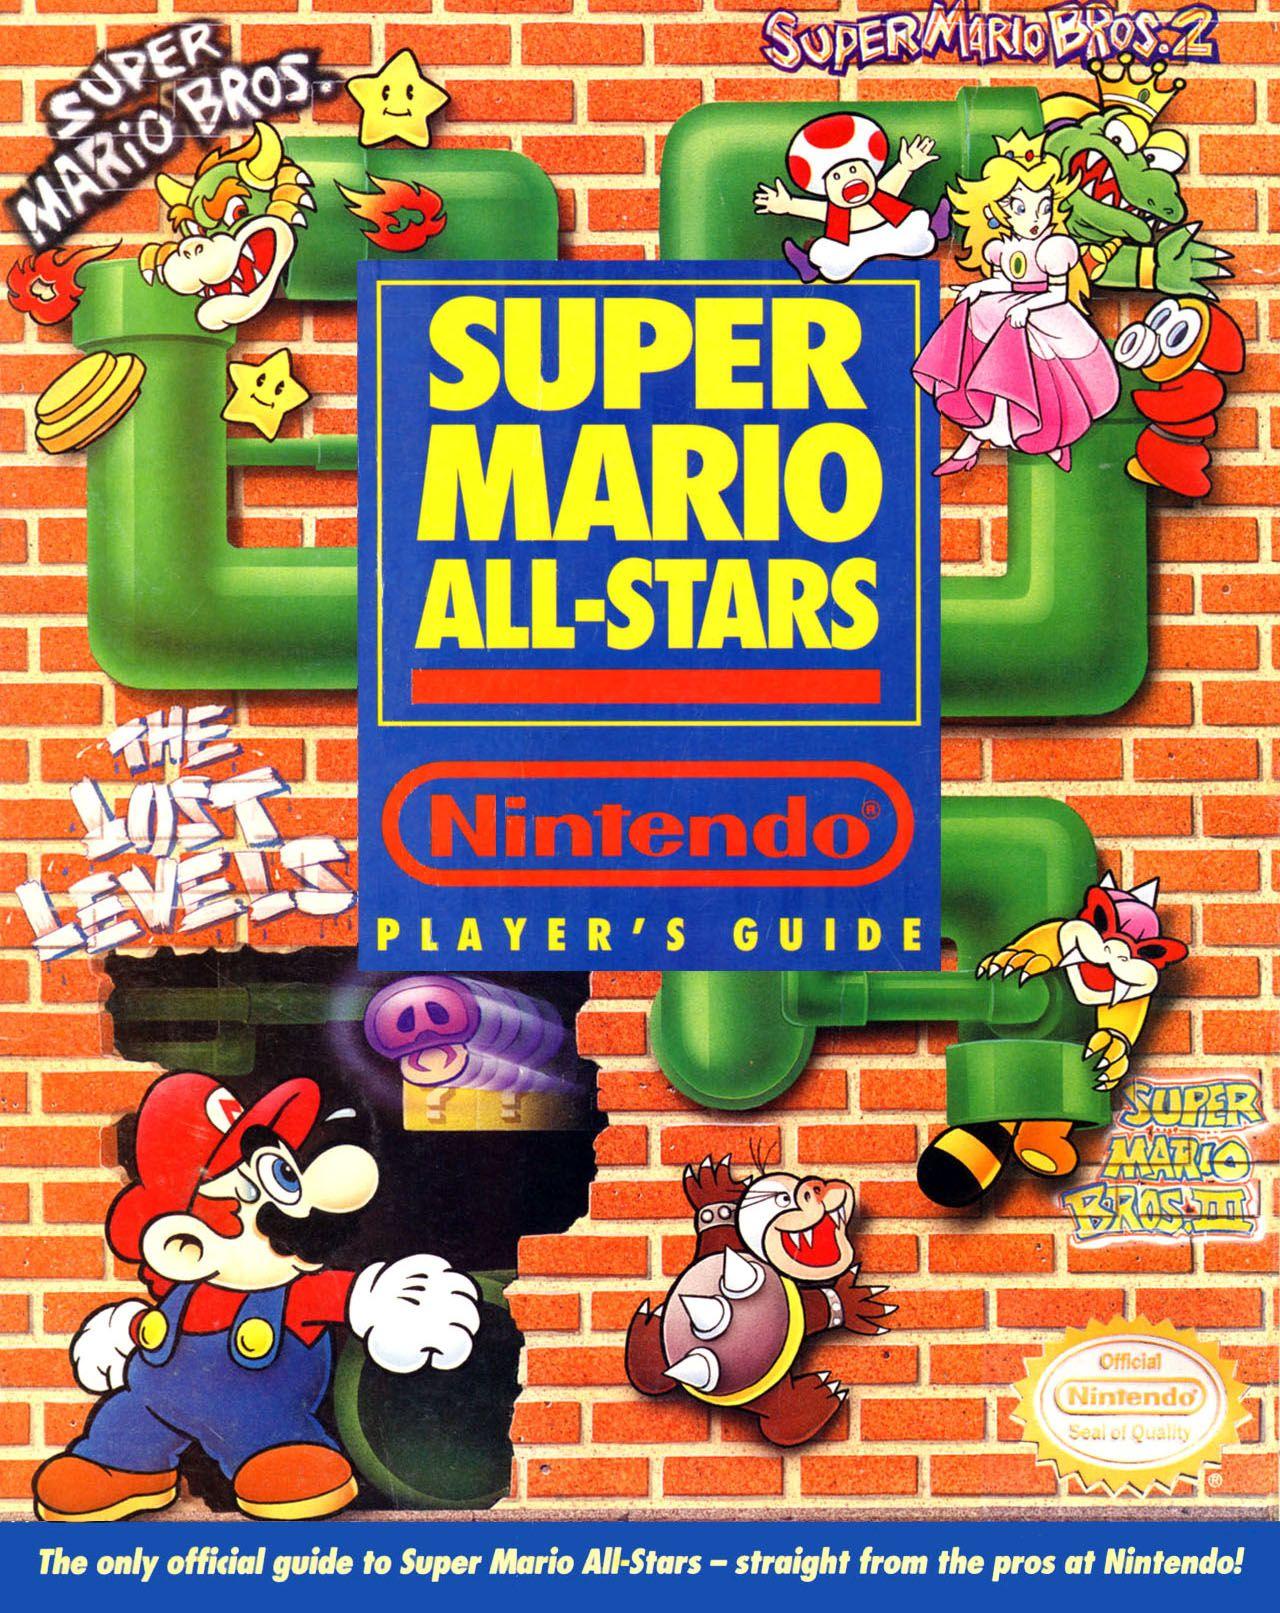 Nintendo Player's Guide - Super Mario All Stars (Super